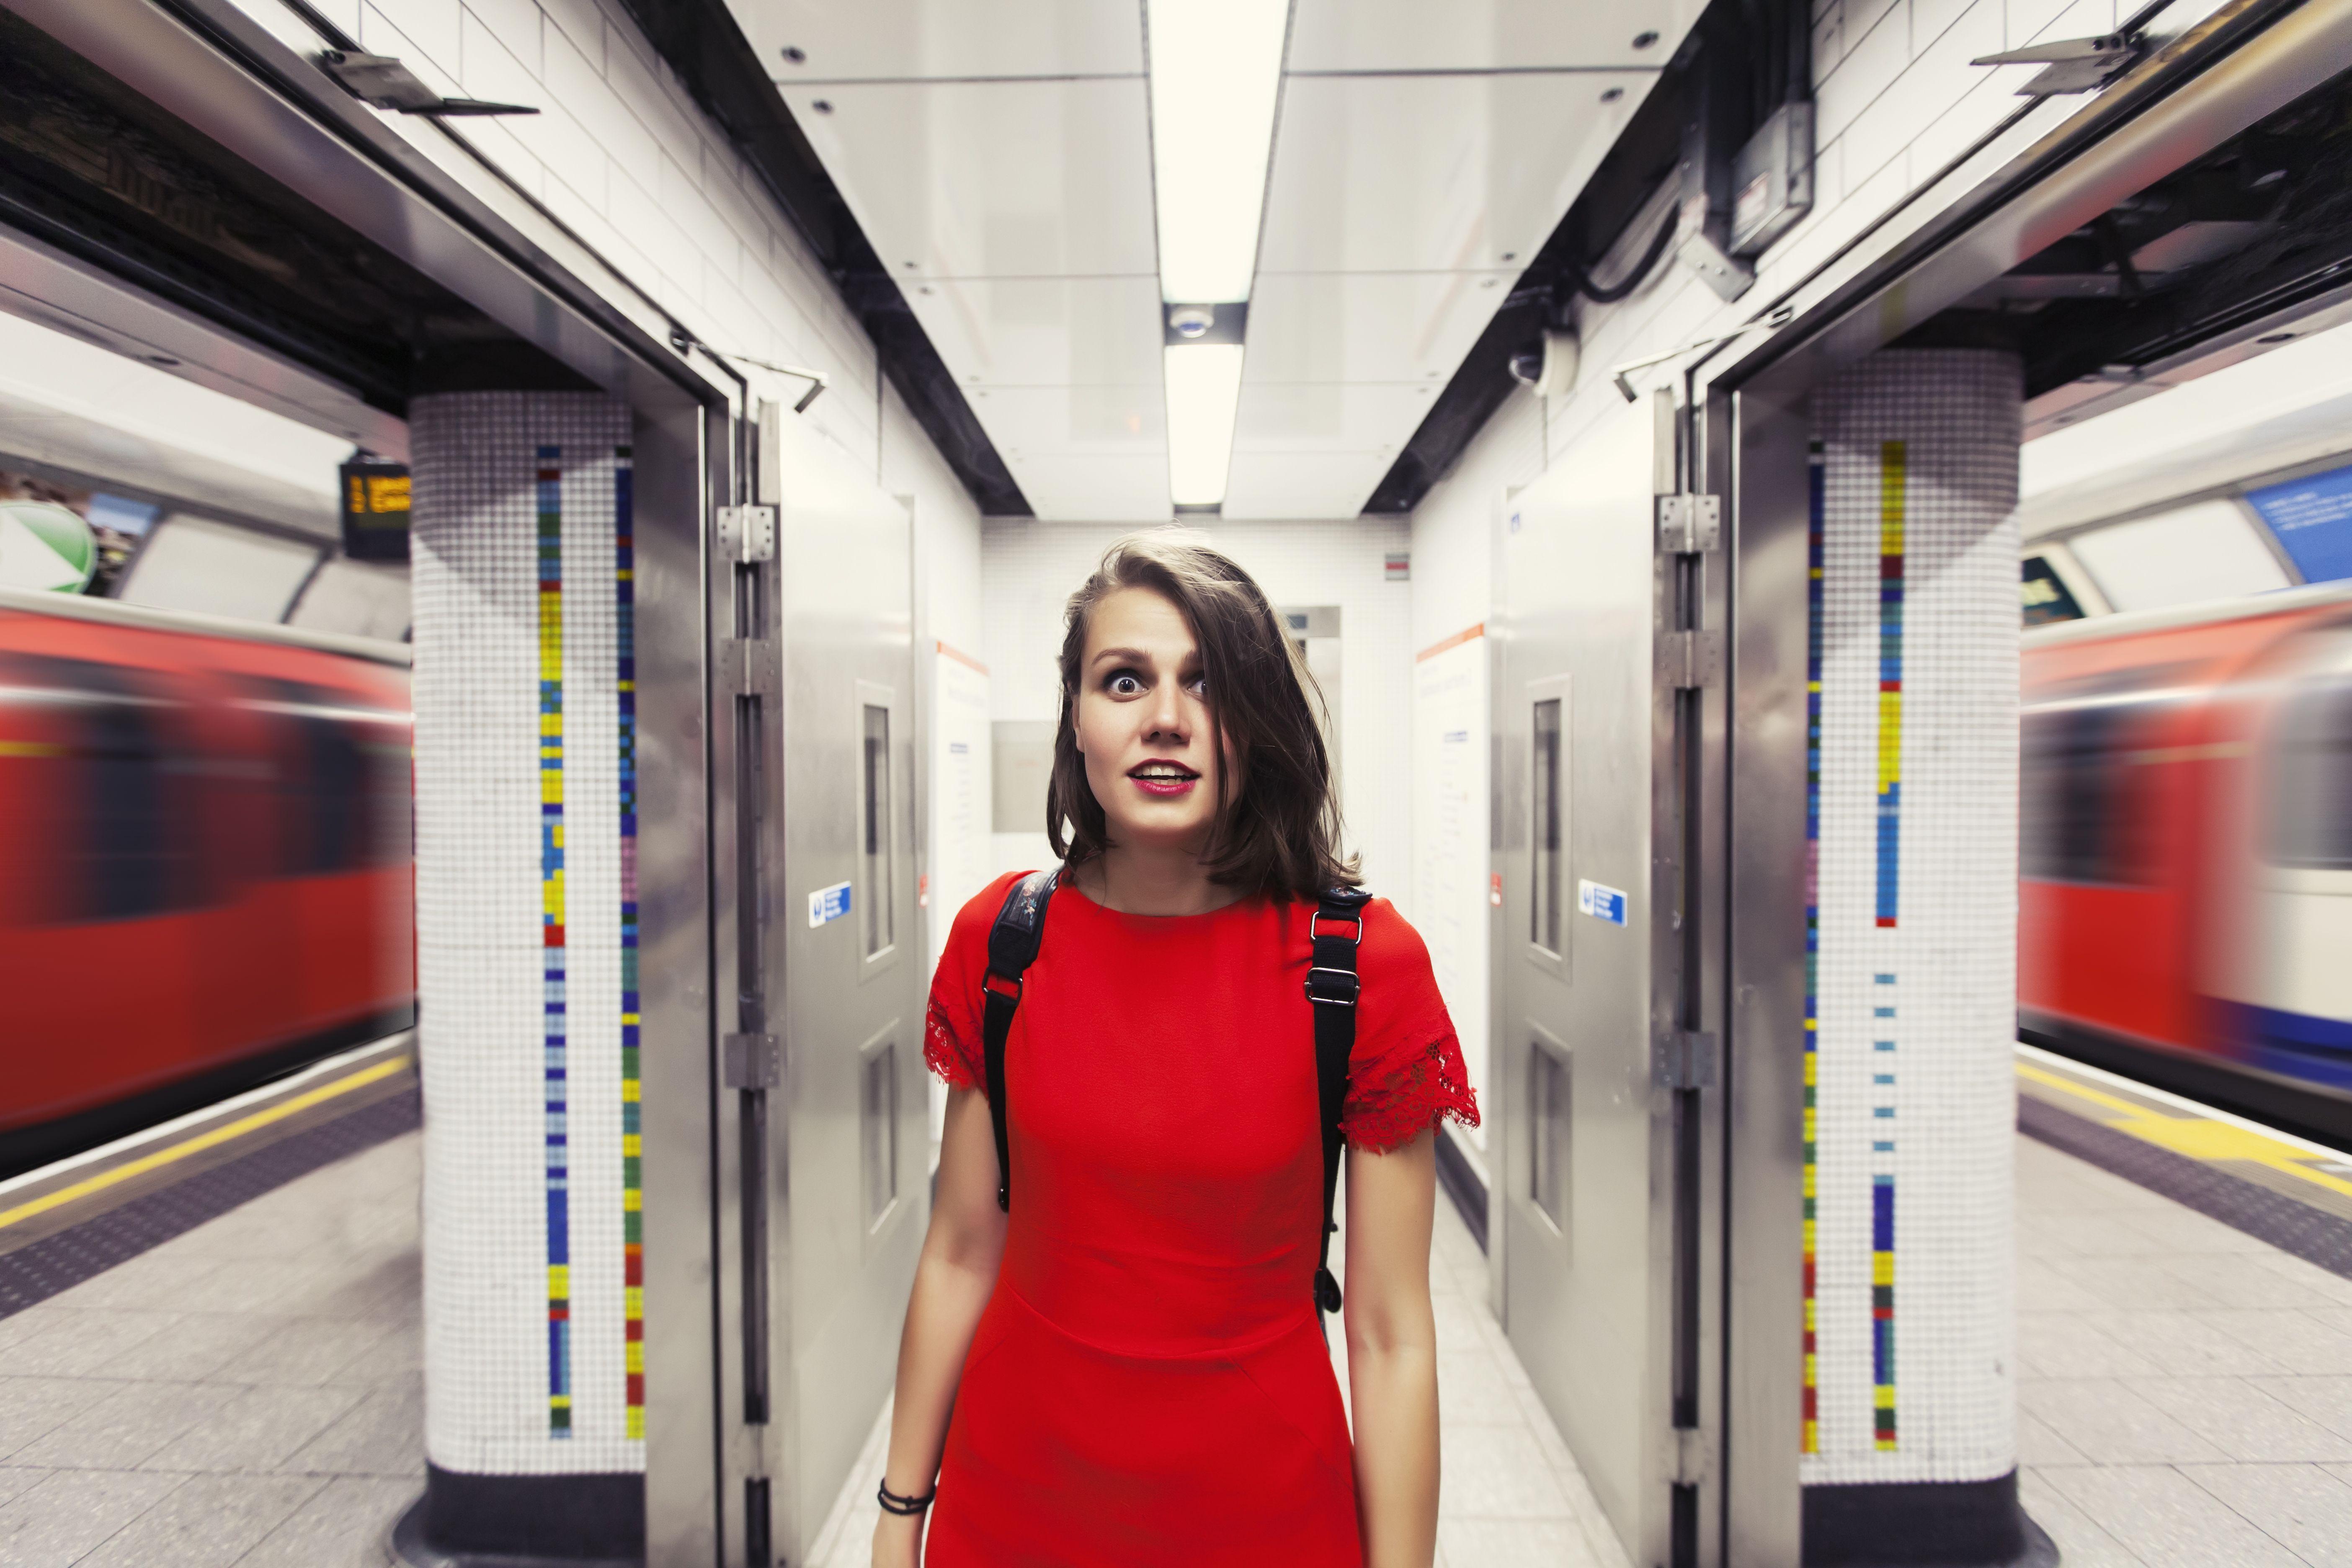 chica descubre el limite consumo Vodafone